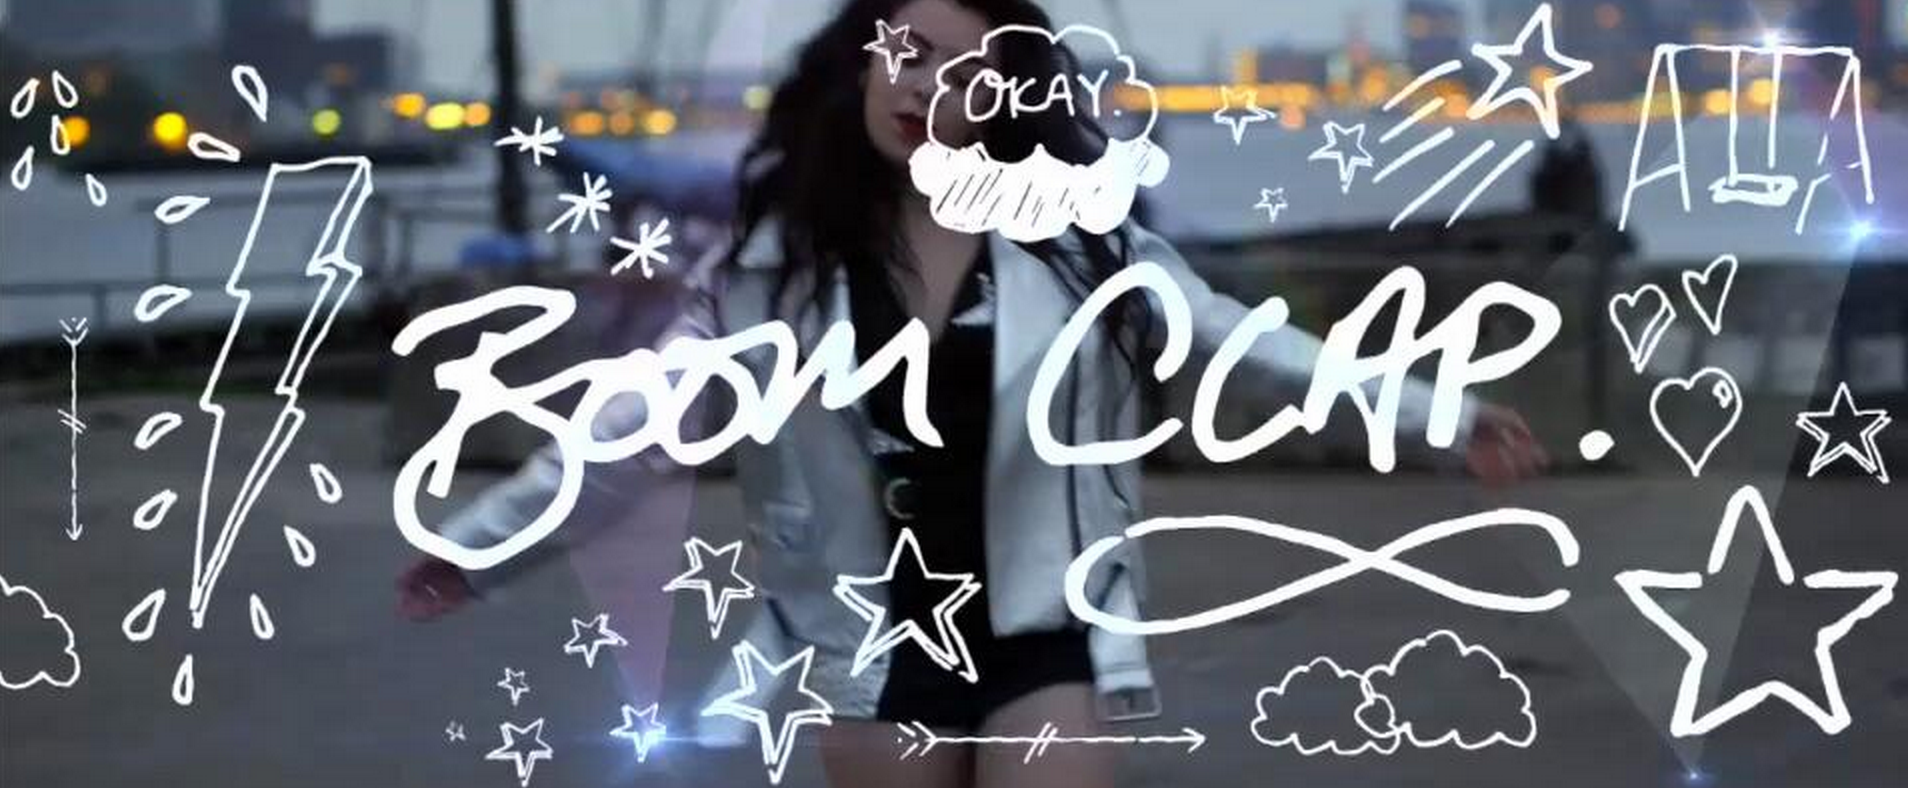 Charli XCX – Boom Clap